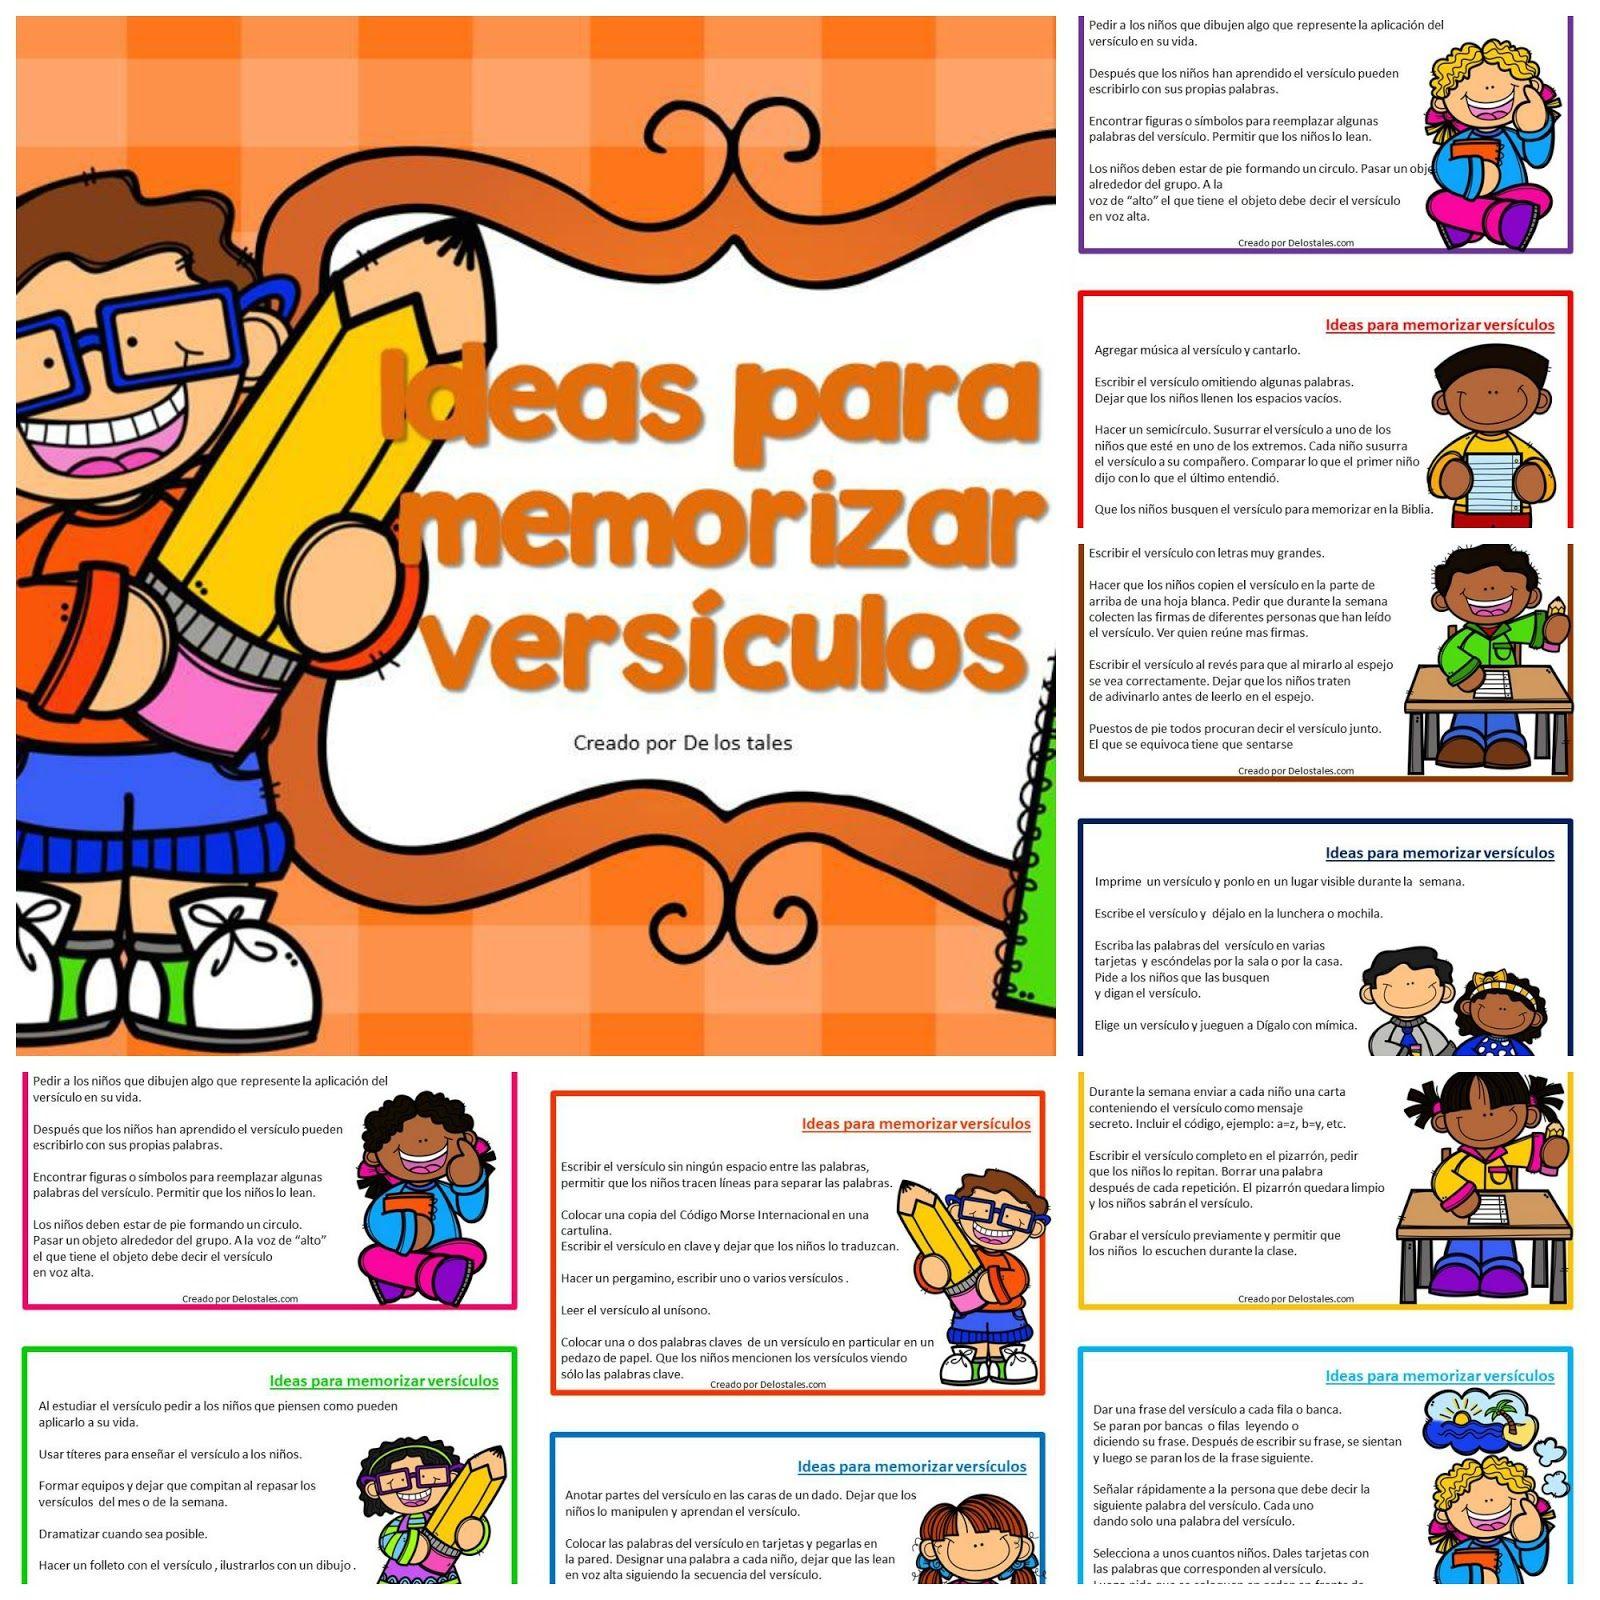 ideas para memorizar versículos, versículos bíblicos, infantil ...